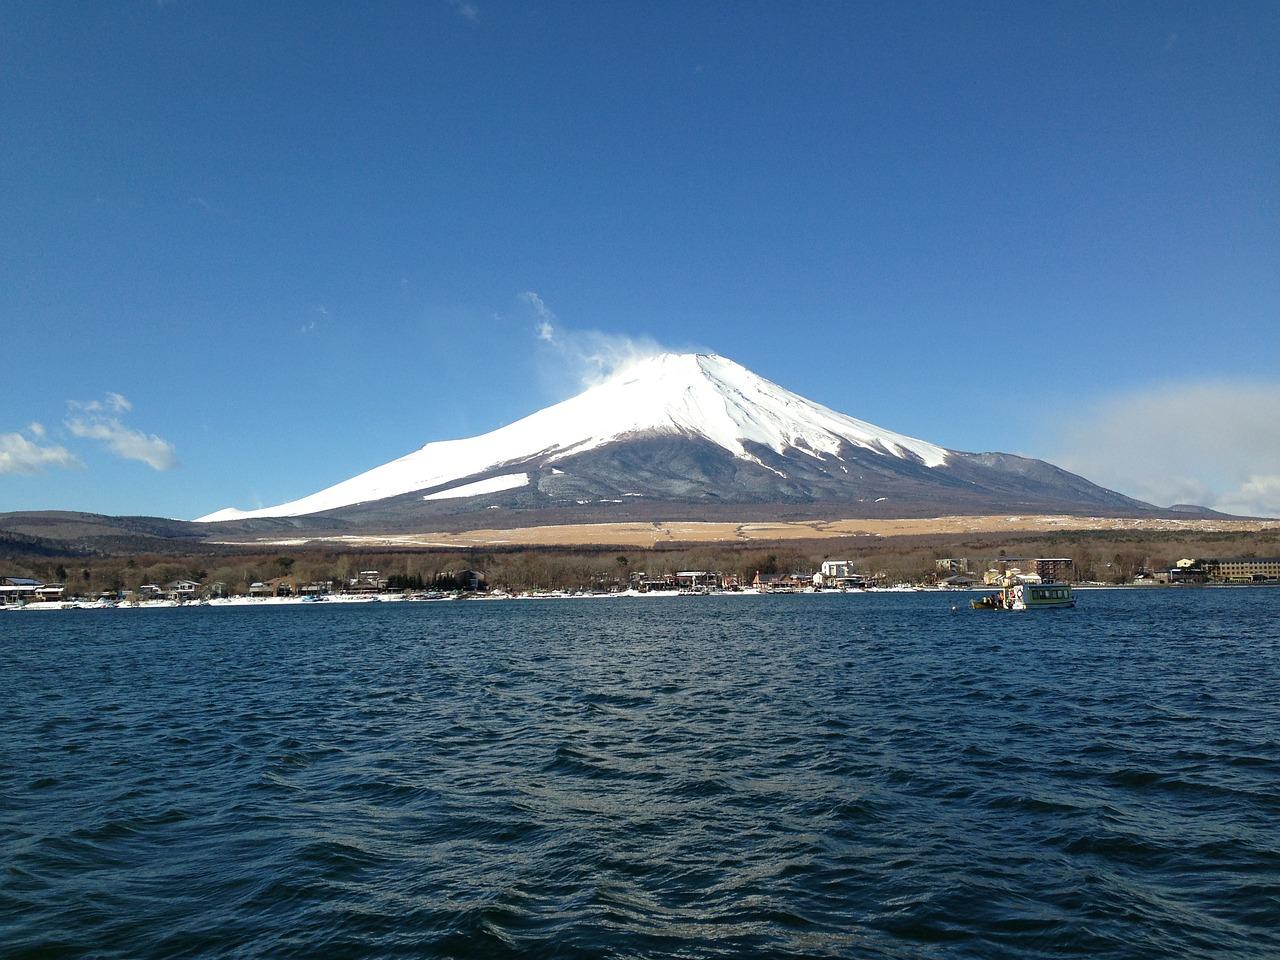 これでばっちり!山中湖の楽しみ方を詳しく紹介!